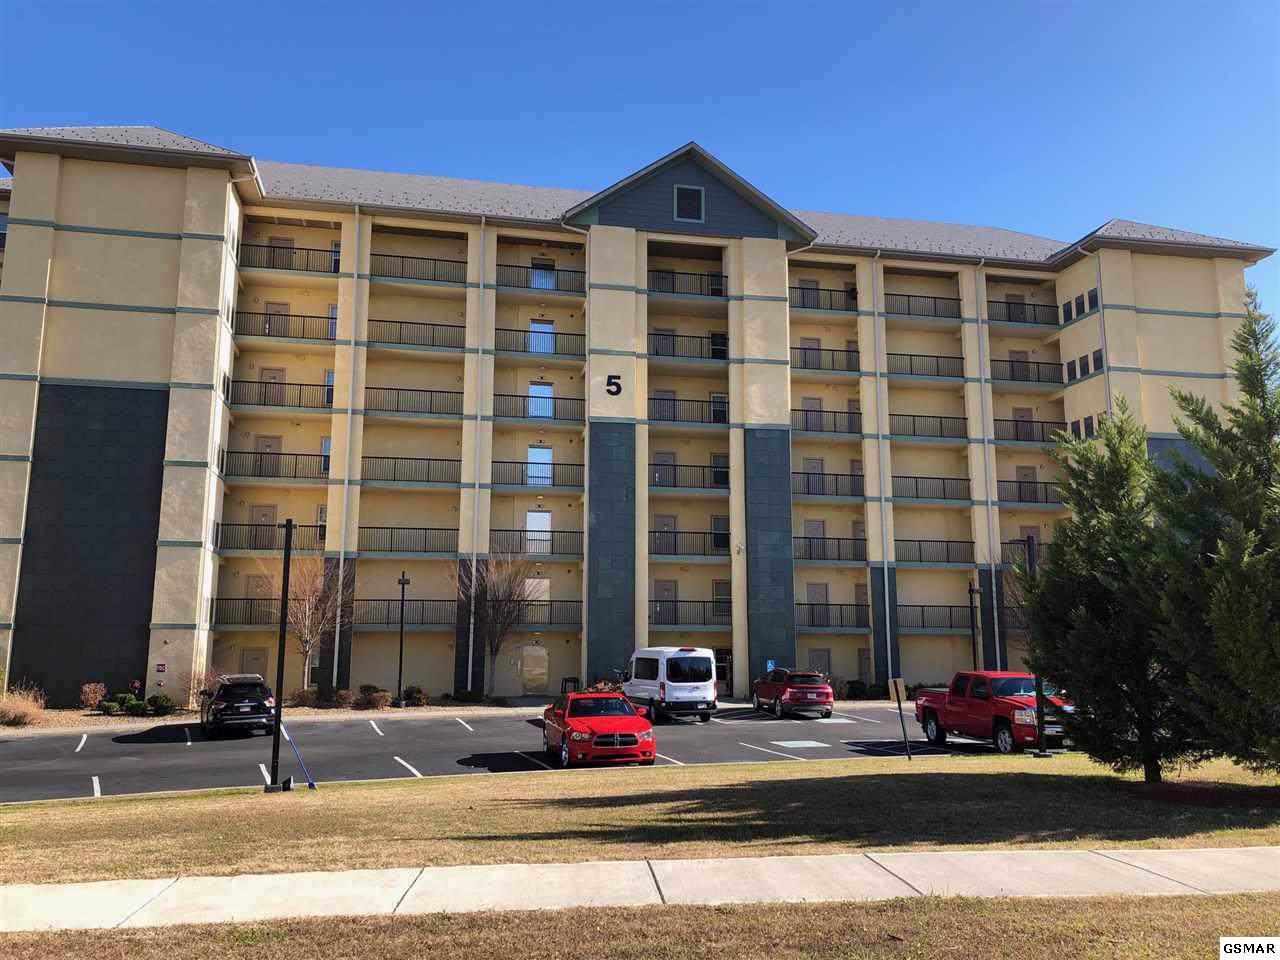 124 Plaza Dr - Unit 5305 - Photo 1